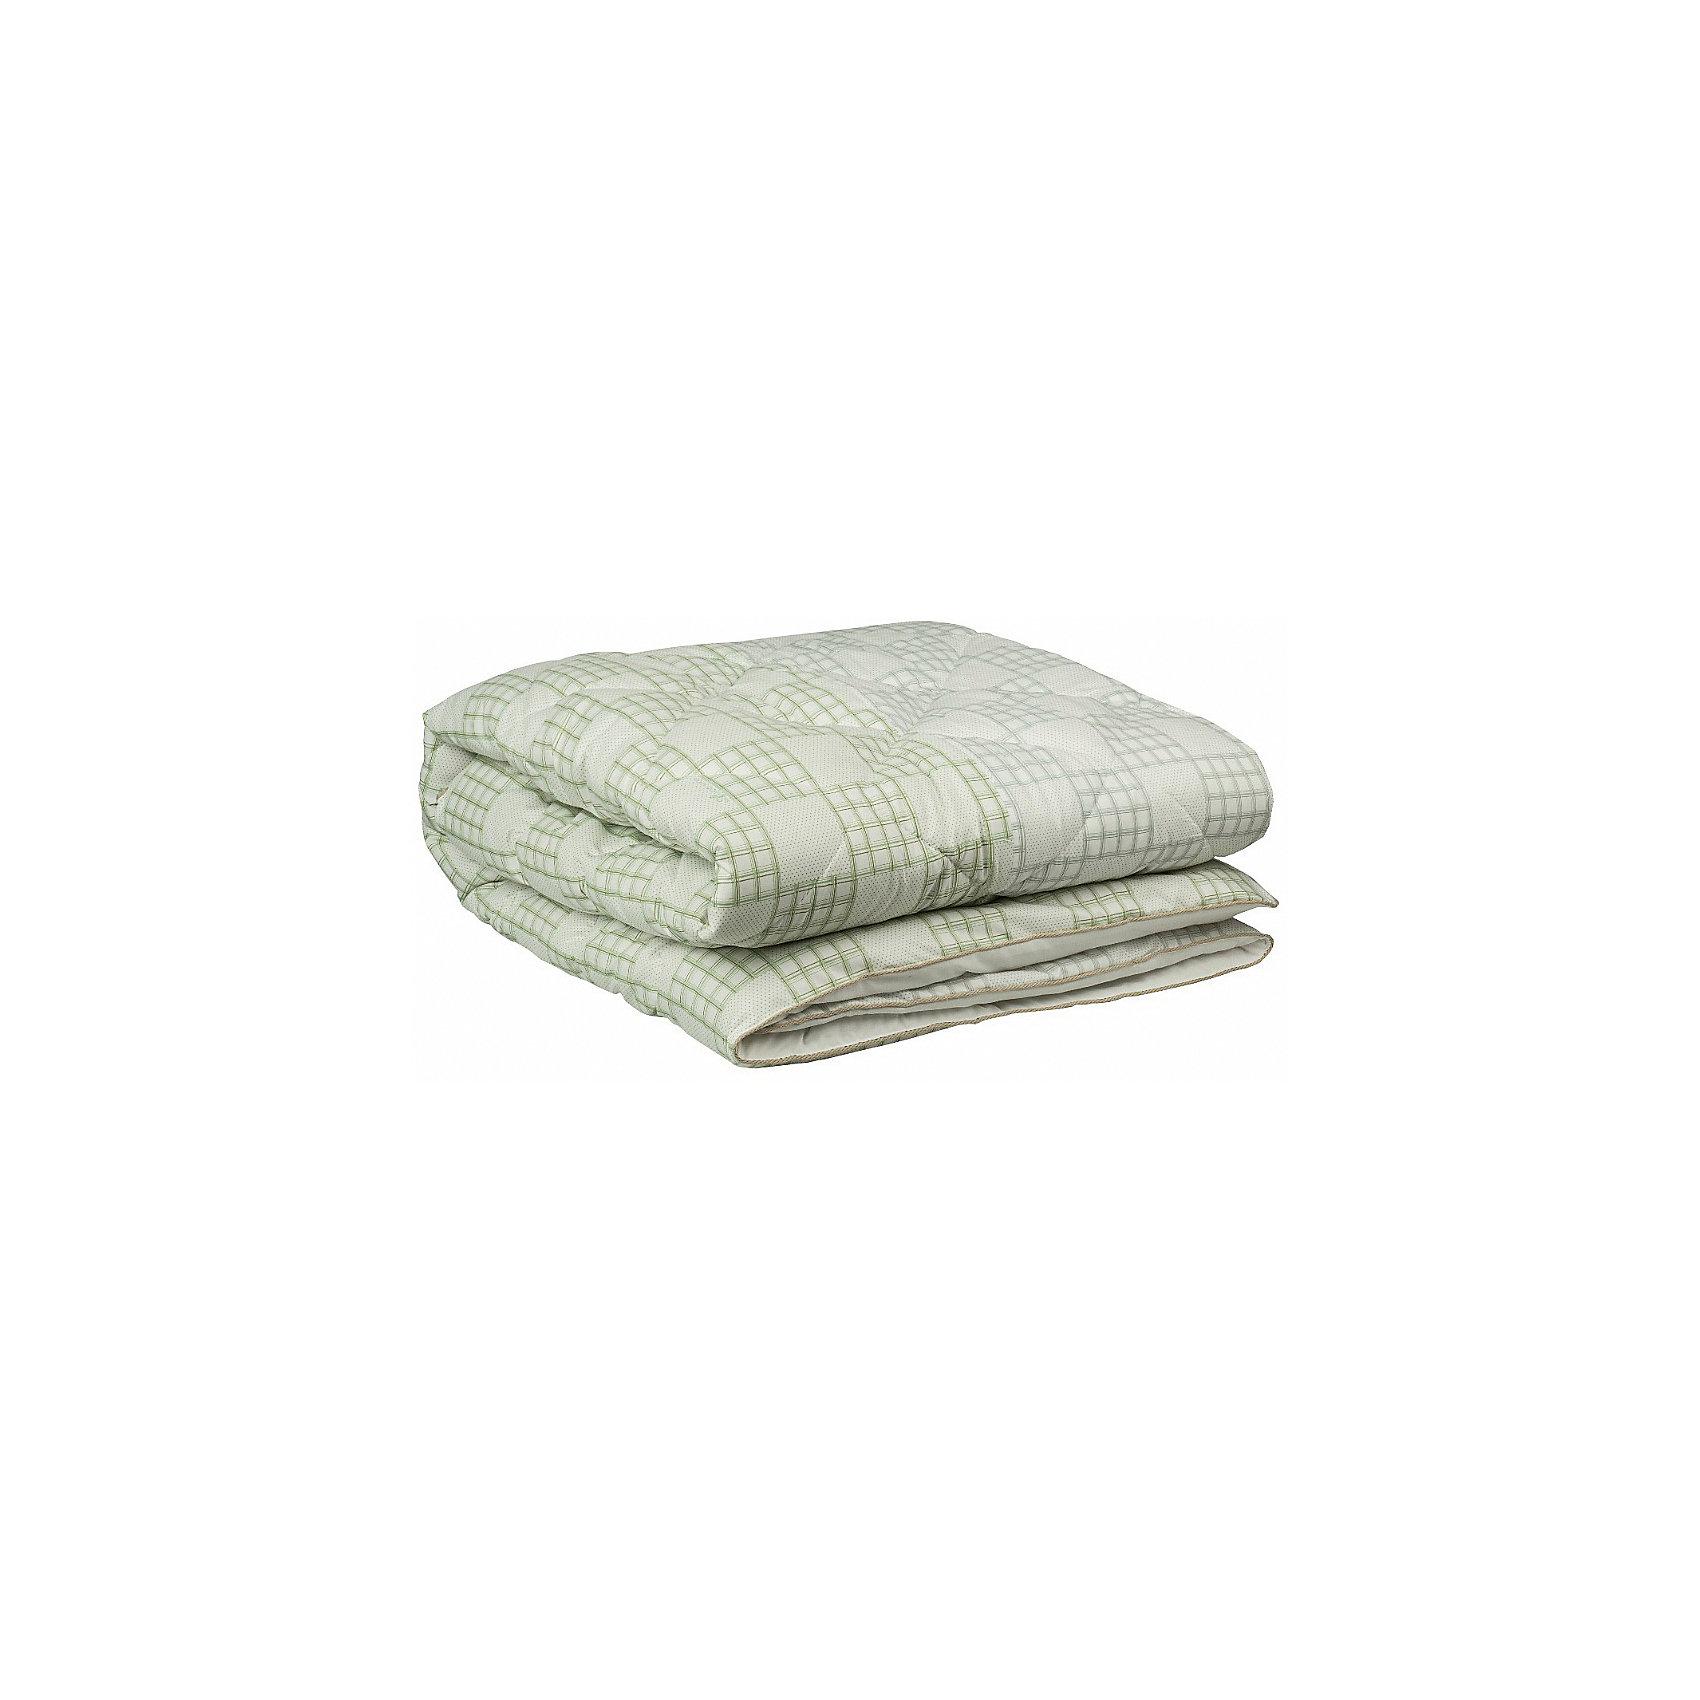 Одеяло 2сп SL Chalet Climat Control тик, Mona Liza, серый/оливаДомашний текстиль<br>Характеристики:<br><br>• Вид домашнего текстиля: одеяло<br>• Серия: Chalet by Serg Look<br>• Сезон: круглый год<br>• Материал чехла: полиэстер, 100% <br>• Наполнитель: 30% верблюжья шерсть, 30% бамбук, 40% полиэстер<br>• Цвет: серый, молочный, оливковый<br>• Размеры (Д*Ш): 170*205 см <br>• Тип упаковки: полиэтиленовая сумка с ручками<br>• Вес в упаковке: 2 кг 100 г<br>• Особенности ухода: машинная стирка при температуре 30 градусов<br><br>Одеяло 2сп SL Chalet Climat Control тик, Mona Liza, серый/олива изготовлено под отечественным торговым брендом, выпускающим постельные принадлежности из натуральных тканей и качественных наполнителей. Одеяло выполнено из синтетического тика, отличающегося гладкой, но не скользящей поверхностью прочного полотна. В качестве наполнителя использовано сочетание шерсти, с одной стороны, и бамбукового и силиконизированного волокна, с другой стороны, что создает две зоны теплового режима. Одеяло обладает высокими гипоаллергенными свойствами.<br>Одеяло 2сп SL Chalet Climat Control тик, Mona Liza,серый/олива – домашний текстиль, соответствующий международным стандартам качества и безопасности!<br><br>Одеяло 2сп SL Chalet Climat Control тик, Mona Liza, серый/олива можно купить в нашем интернет-магазине.<br><br>Ширина мм: 540<br>Глубина мм: 220<br>Высота мм: 460<br>Вес г: 1600<br>Возраст от месяцев: 84<br>Возраст до месяцев: 216<br>Пол: Унисекс<br>Возраст: Детский<br>SKU: 5165704